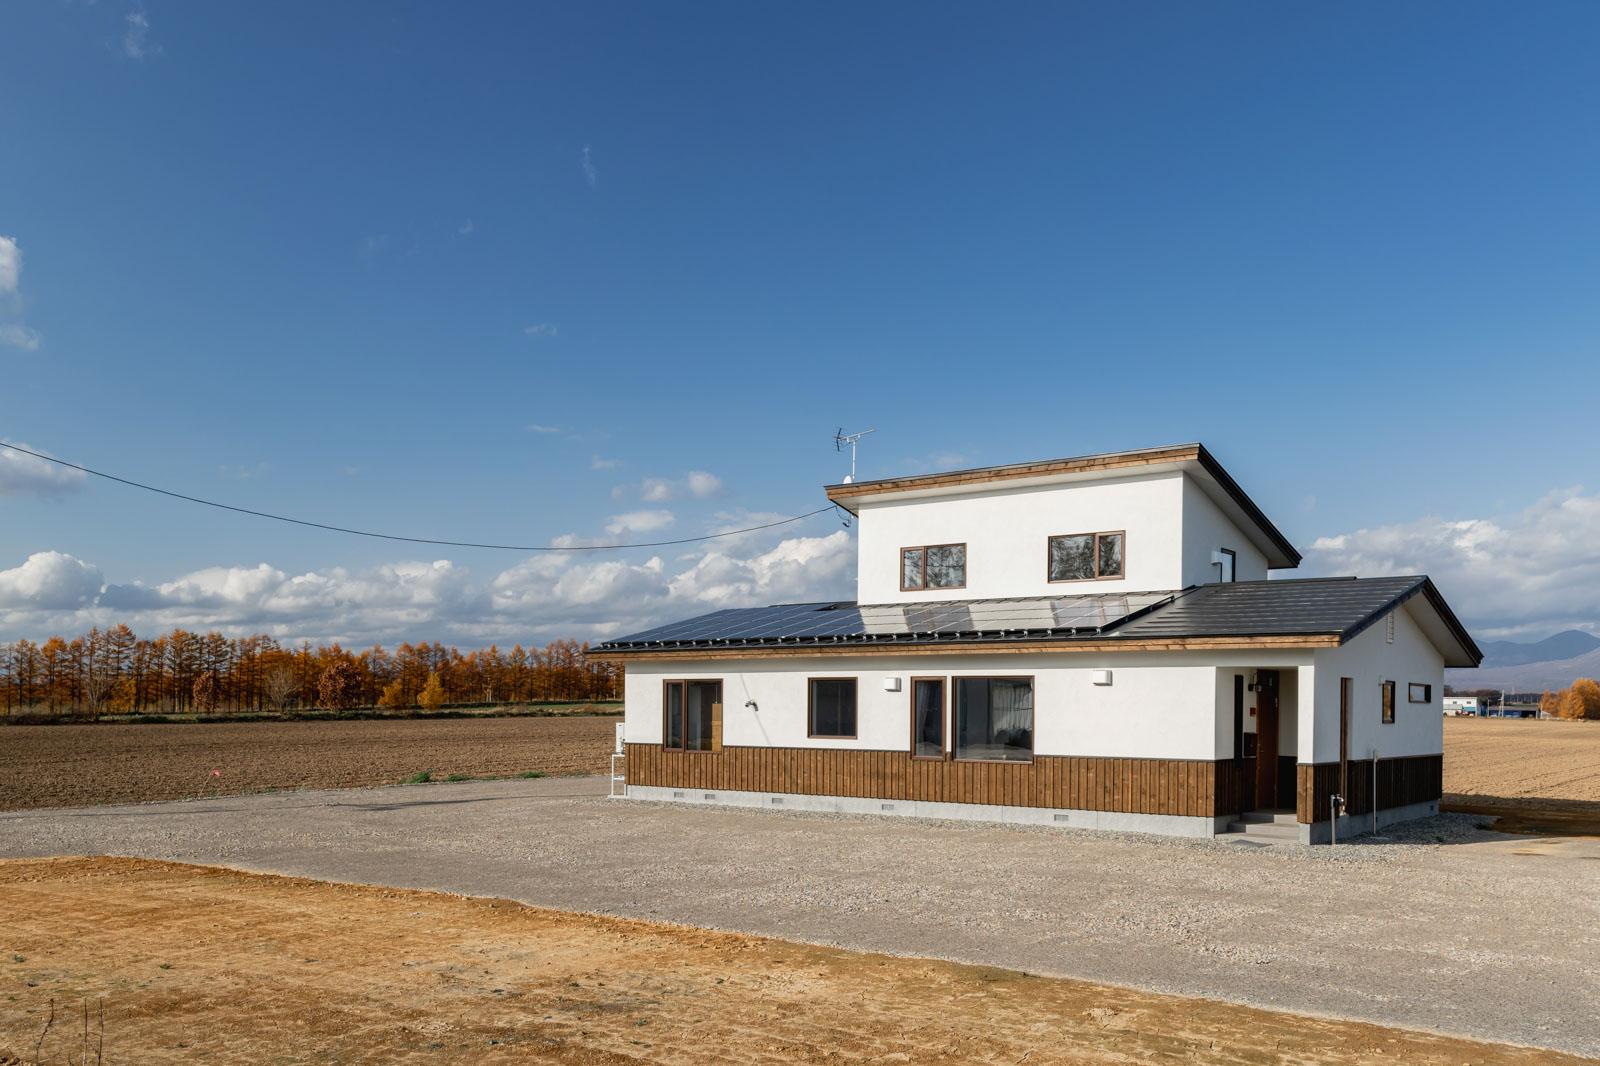 このお宅では、2つの玄関が対角にあり、主な居住空間をその中心に配置している